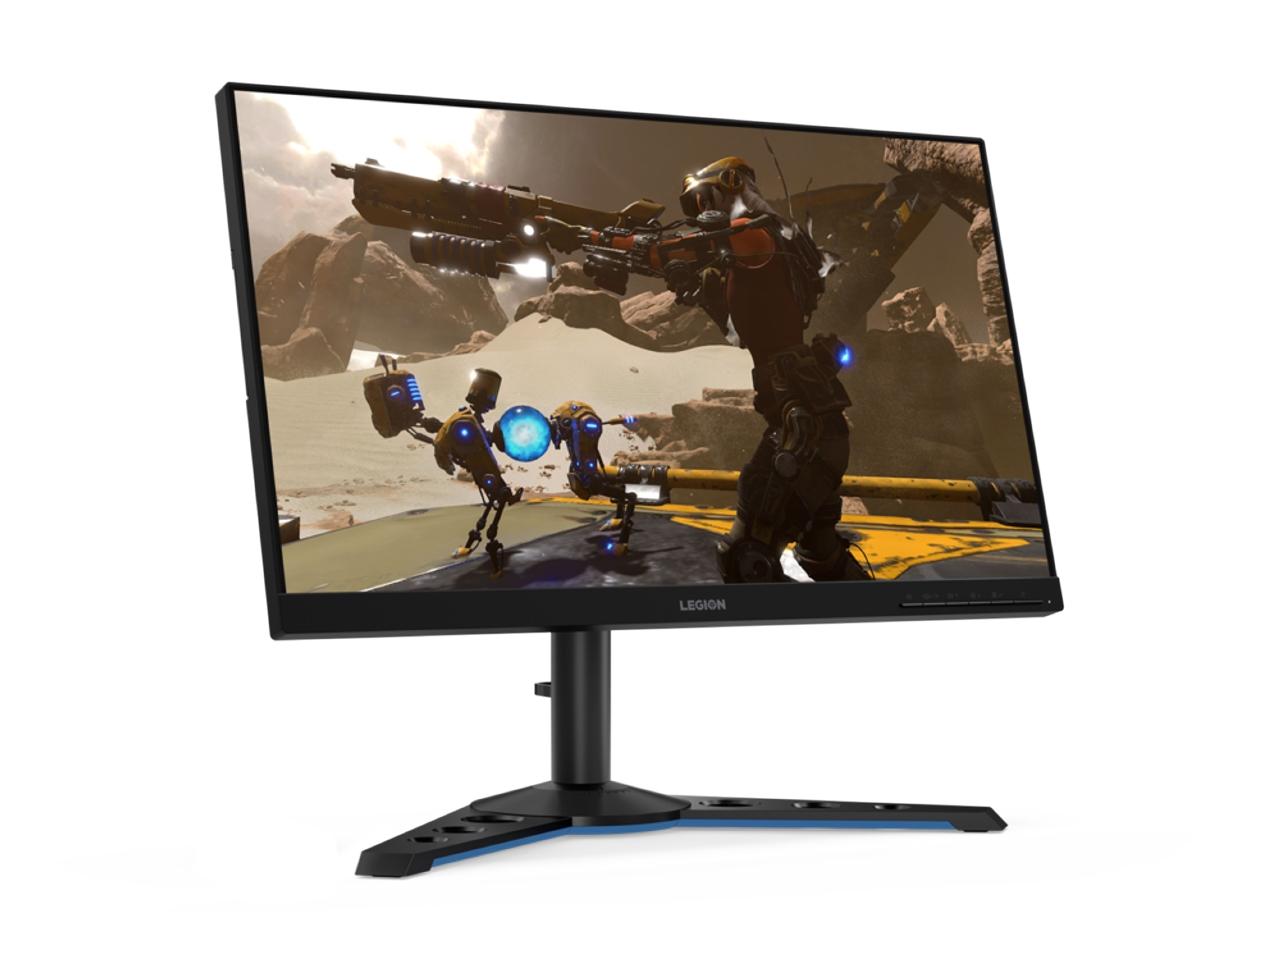 Lenovo ra mắt loạt màn hình Legion cao cấp cho chơi game và giải trí, giá từ 7 triệu đồng